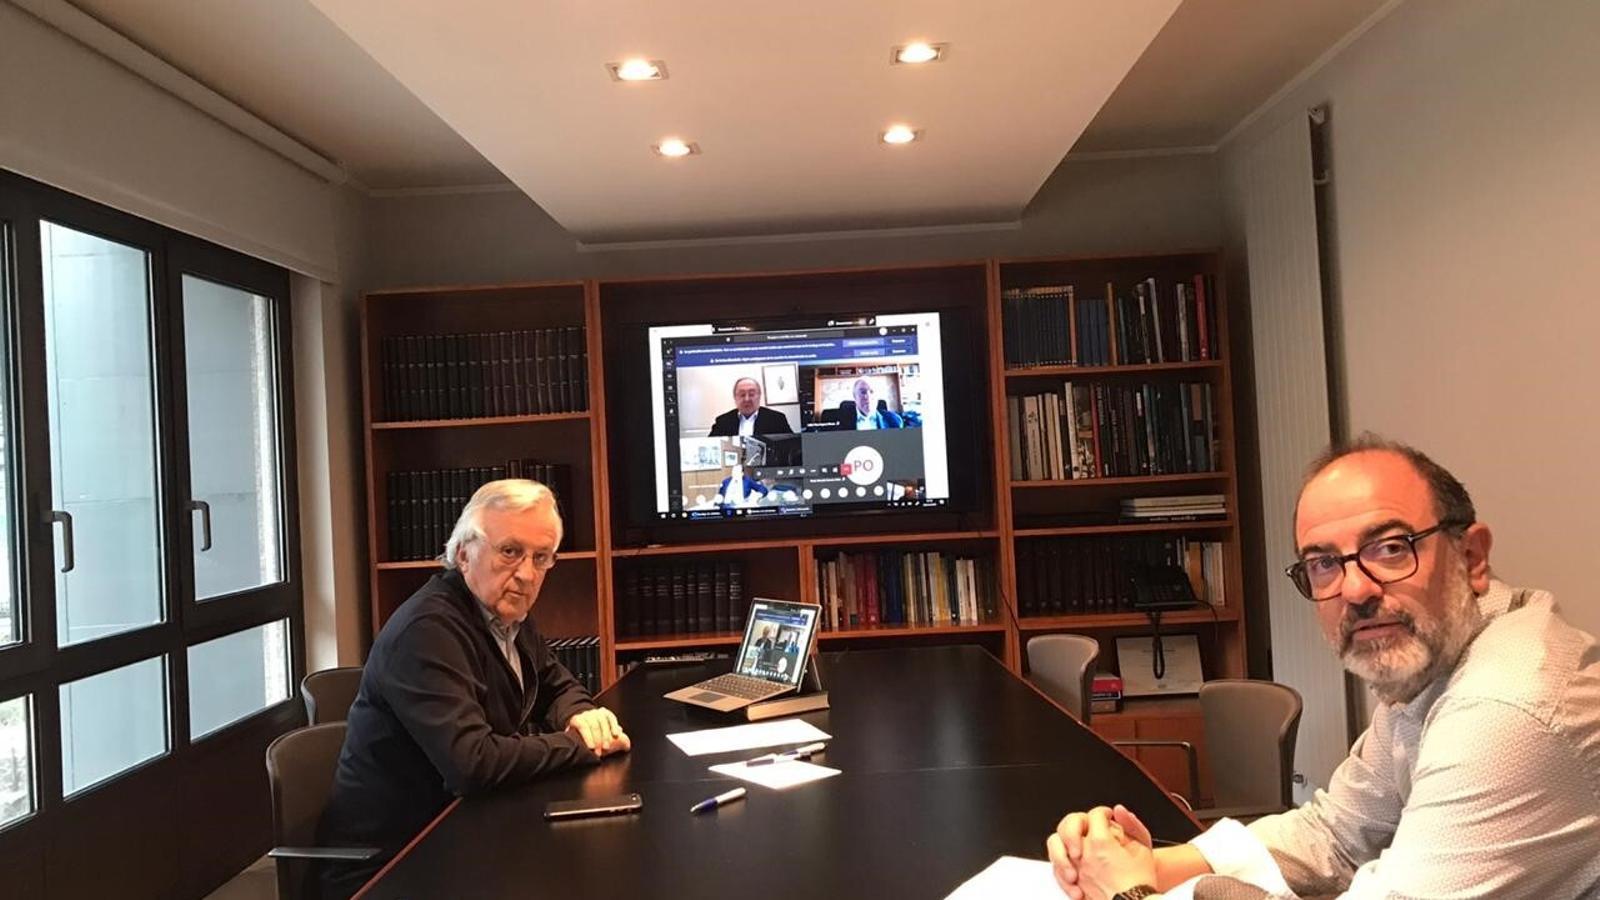 Miquel Armengol, president de la Cambra de Comerç, Indústria i Serveis d'Andorra i Jordi Daban, vicepresident de Turisme de la Cambra de Comerç, Indústria i Serveis d'Andorra, durant la trobada virtual.  / CAMBRA DE COMERÇ